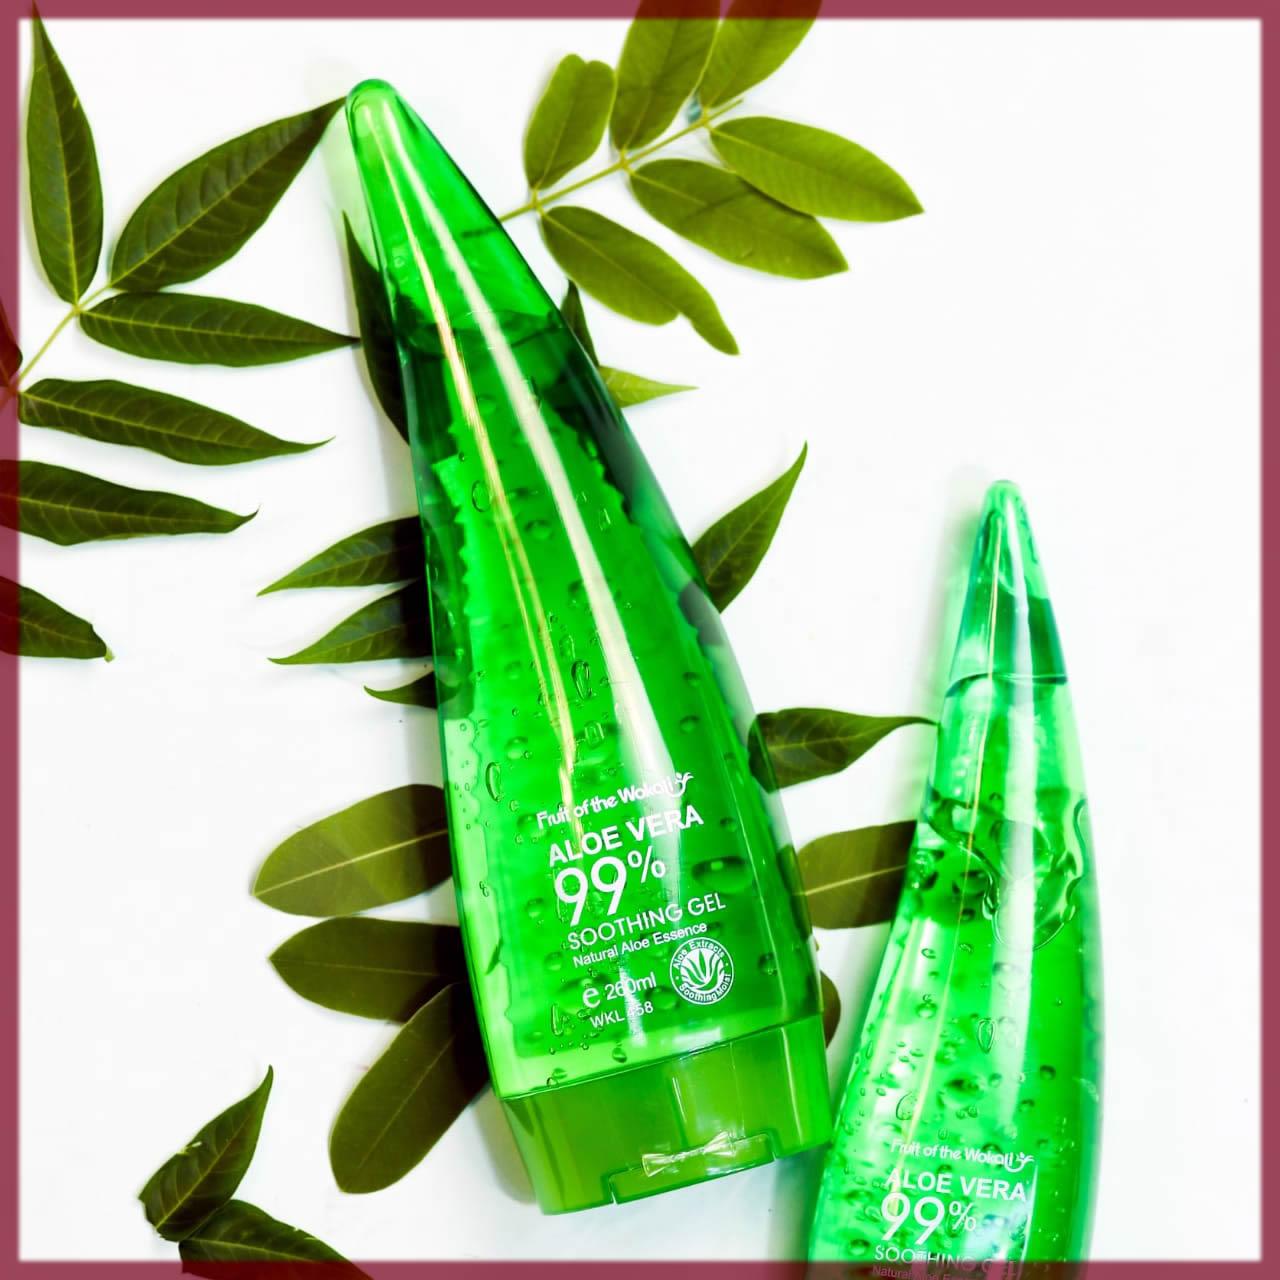 alovera gel for glowing skin